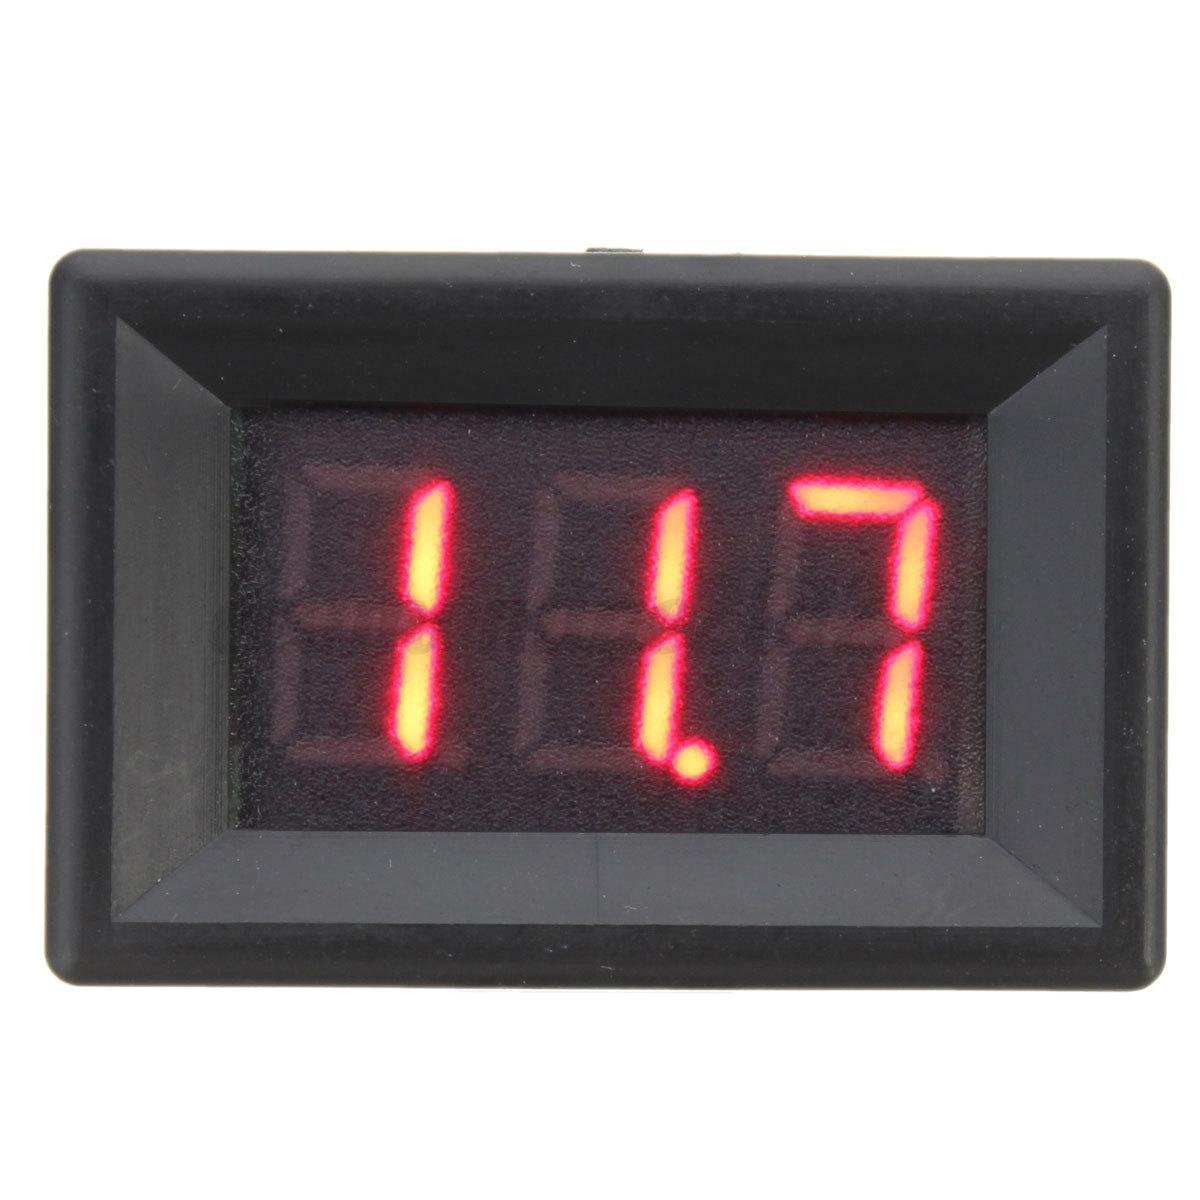 Digital Display Meters : Dc v wire led display digital voltage meter